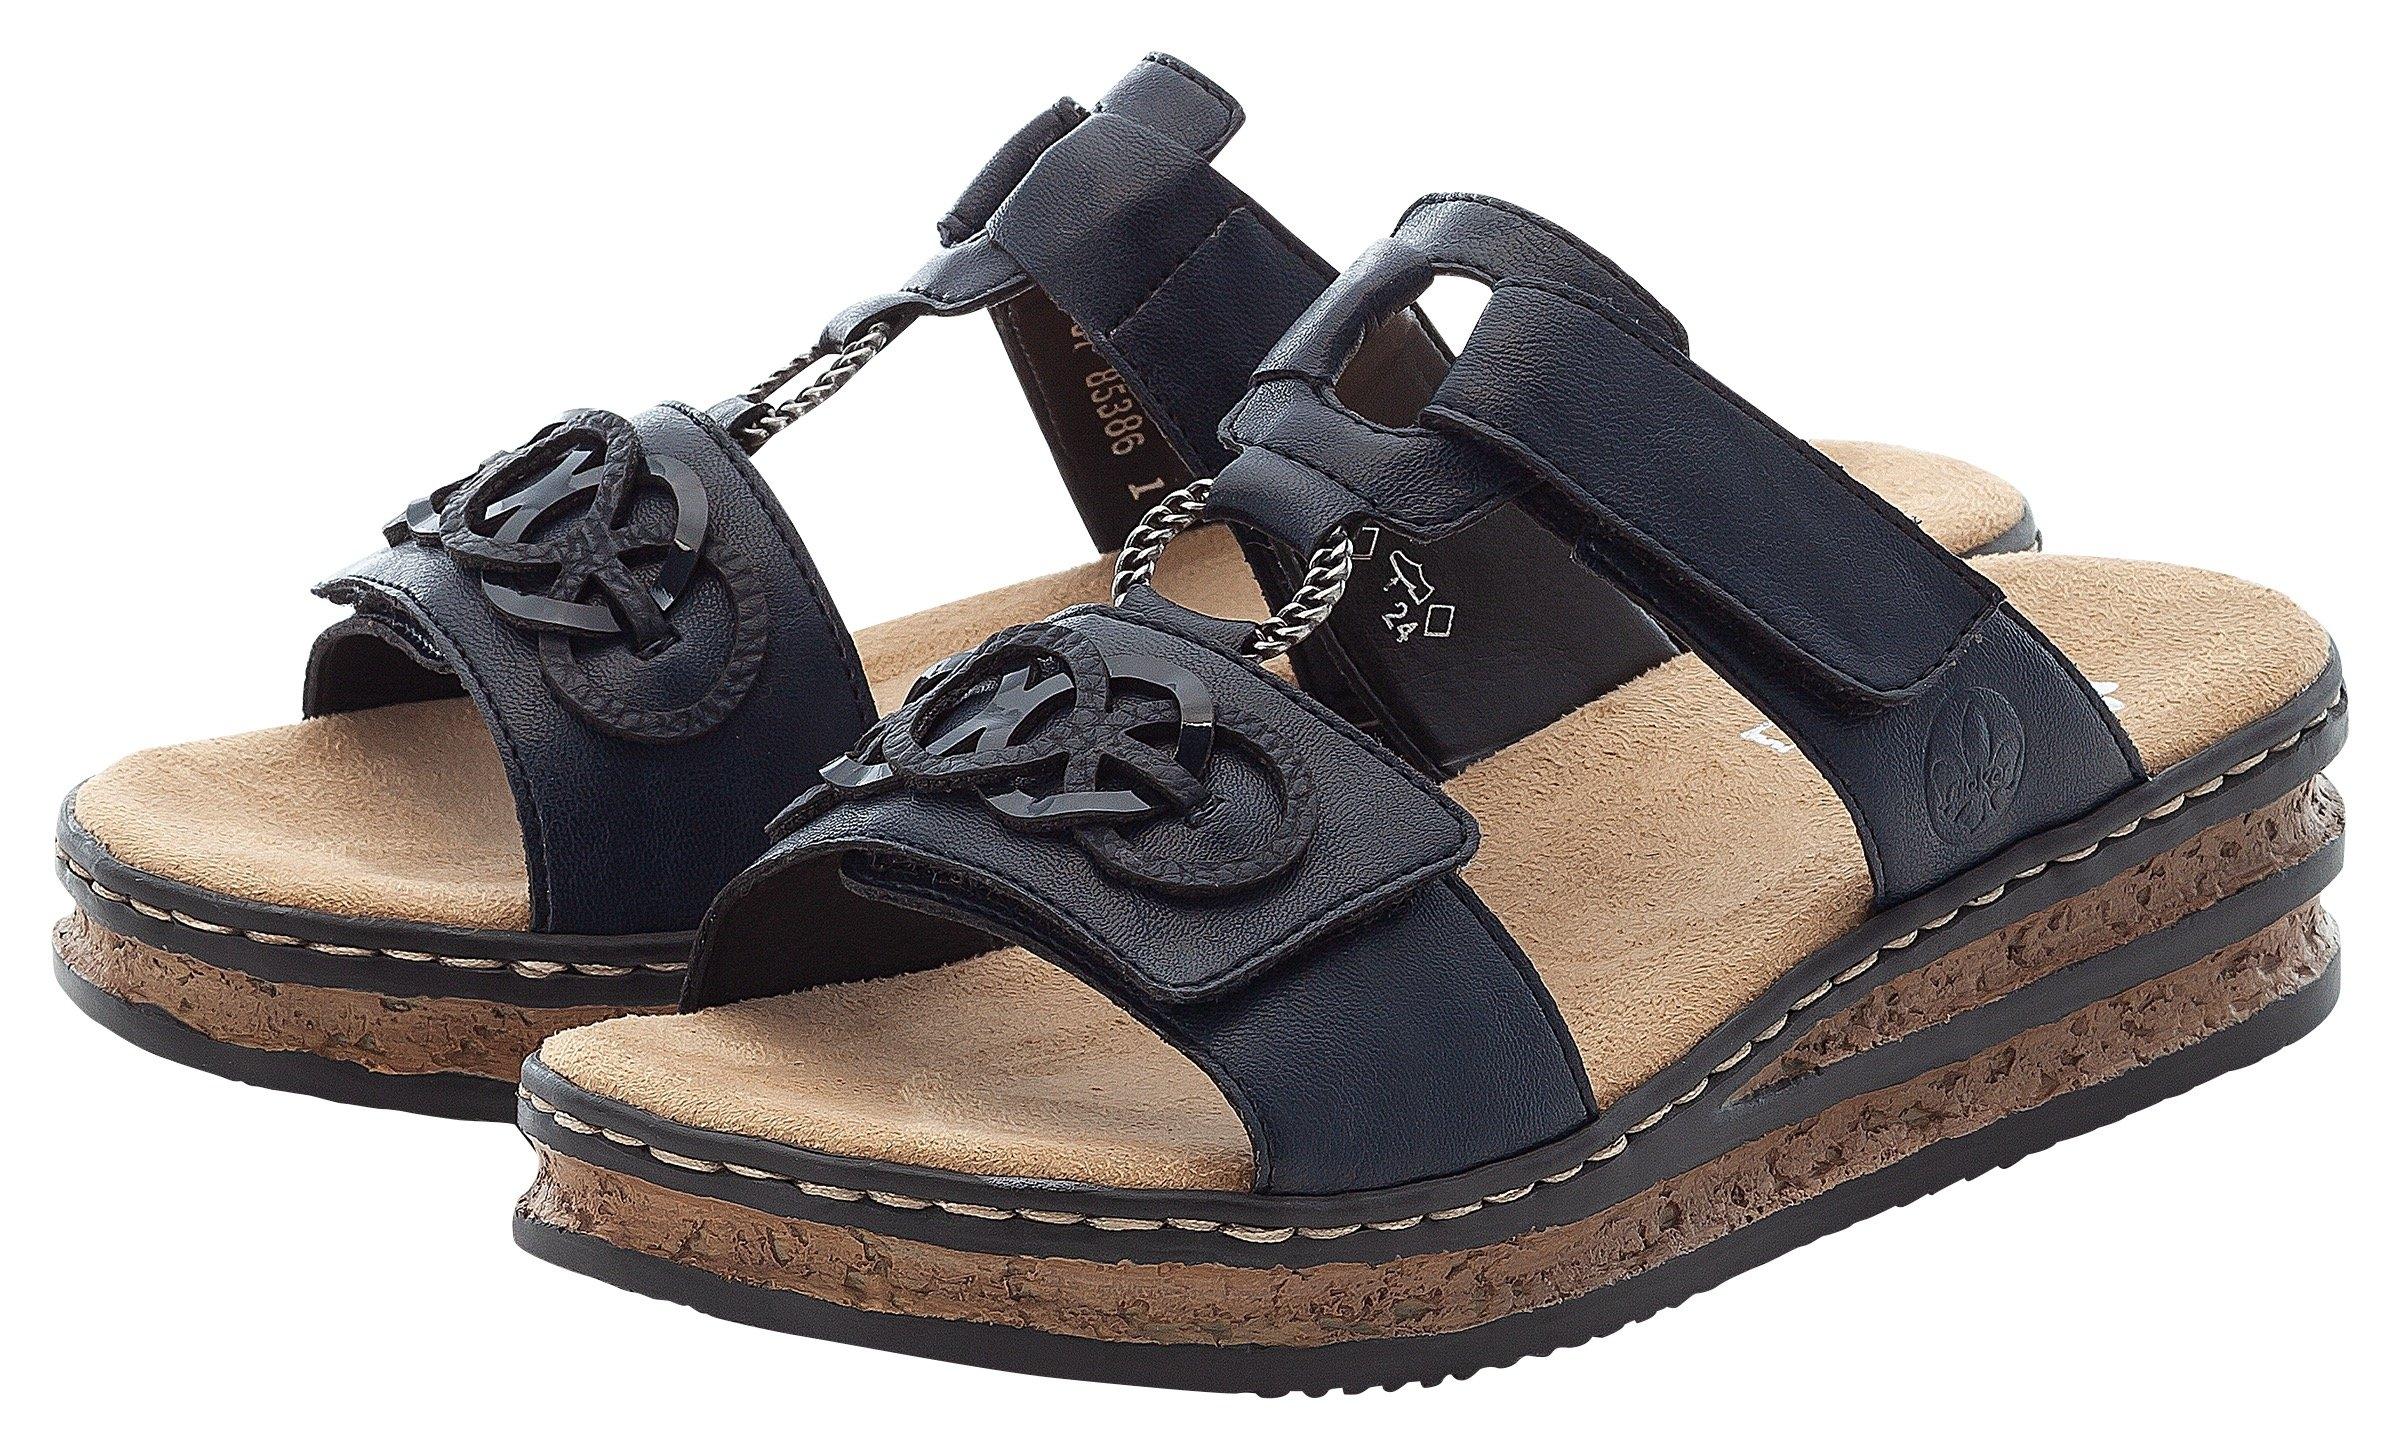 Rieker slippers met decoratieve elementen nu online bestellen